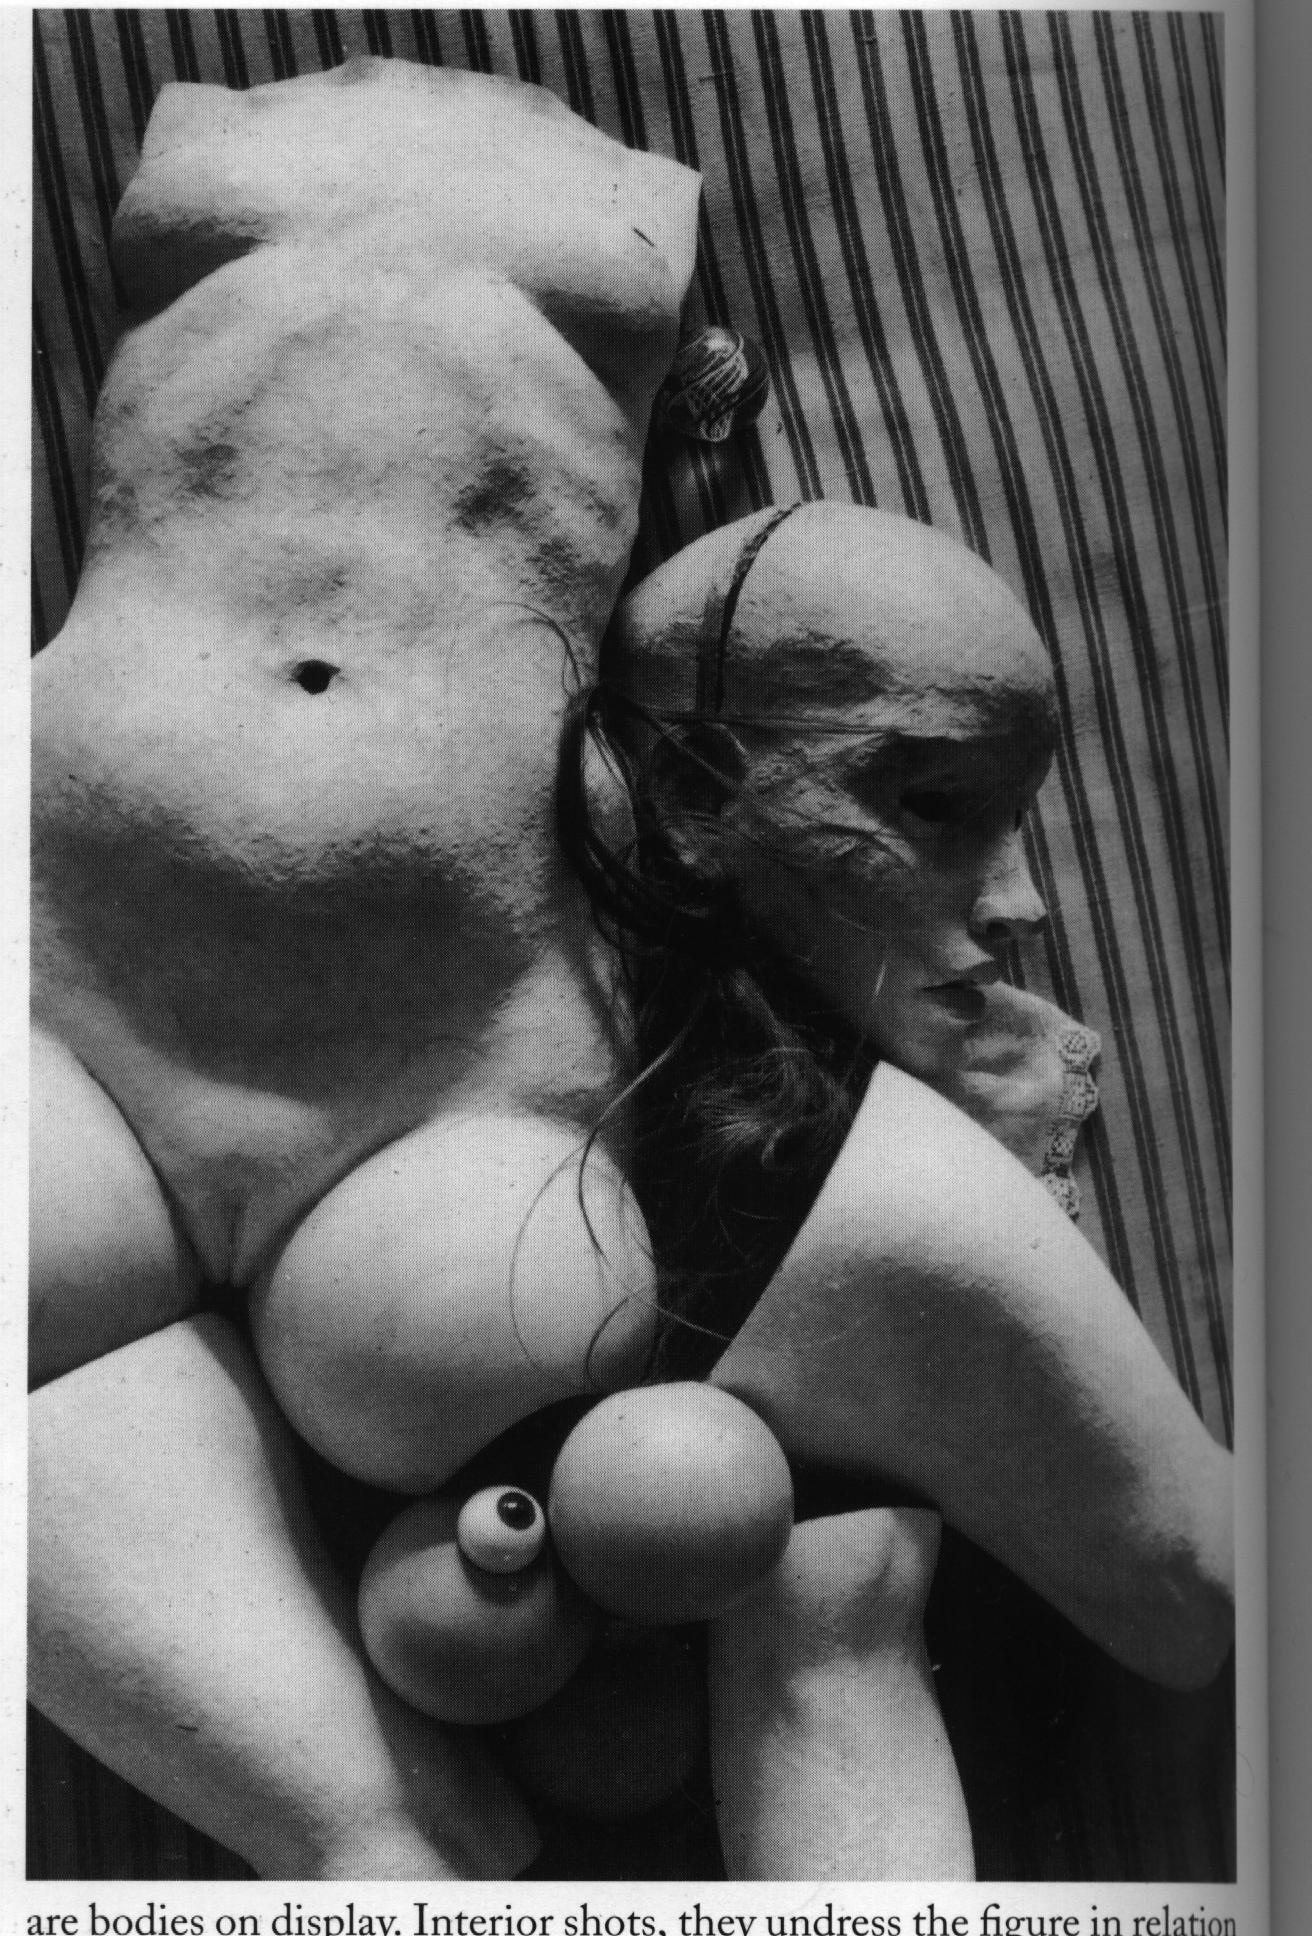 Hans Bellmer - La Poupee - 1935.jpg (1312×1936)